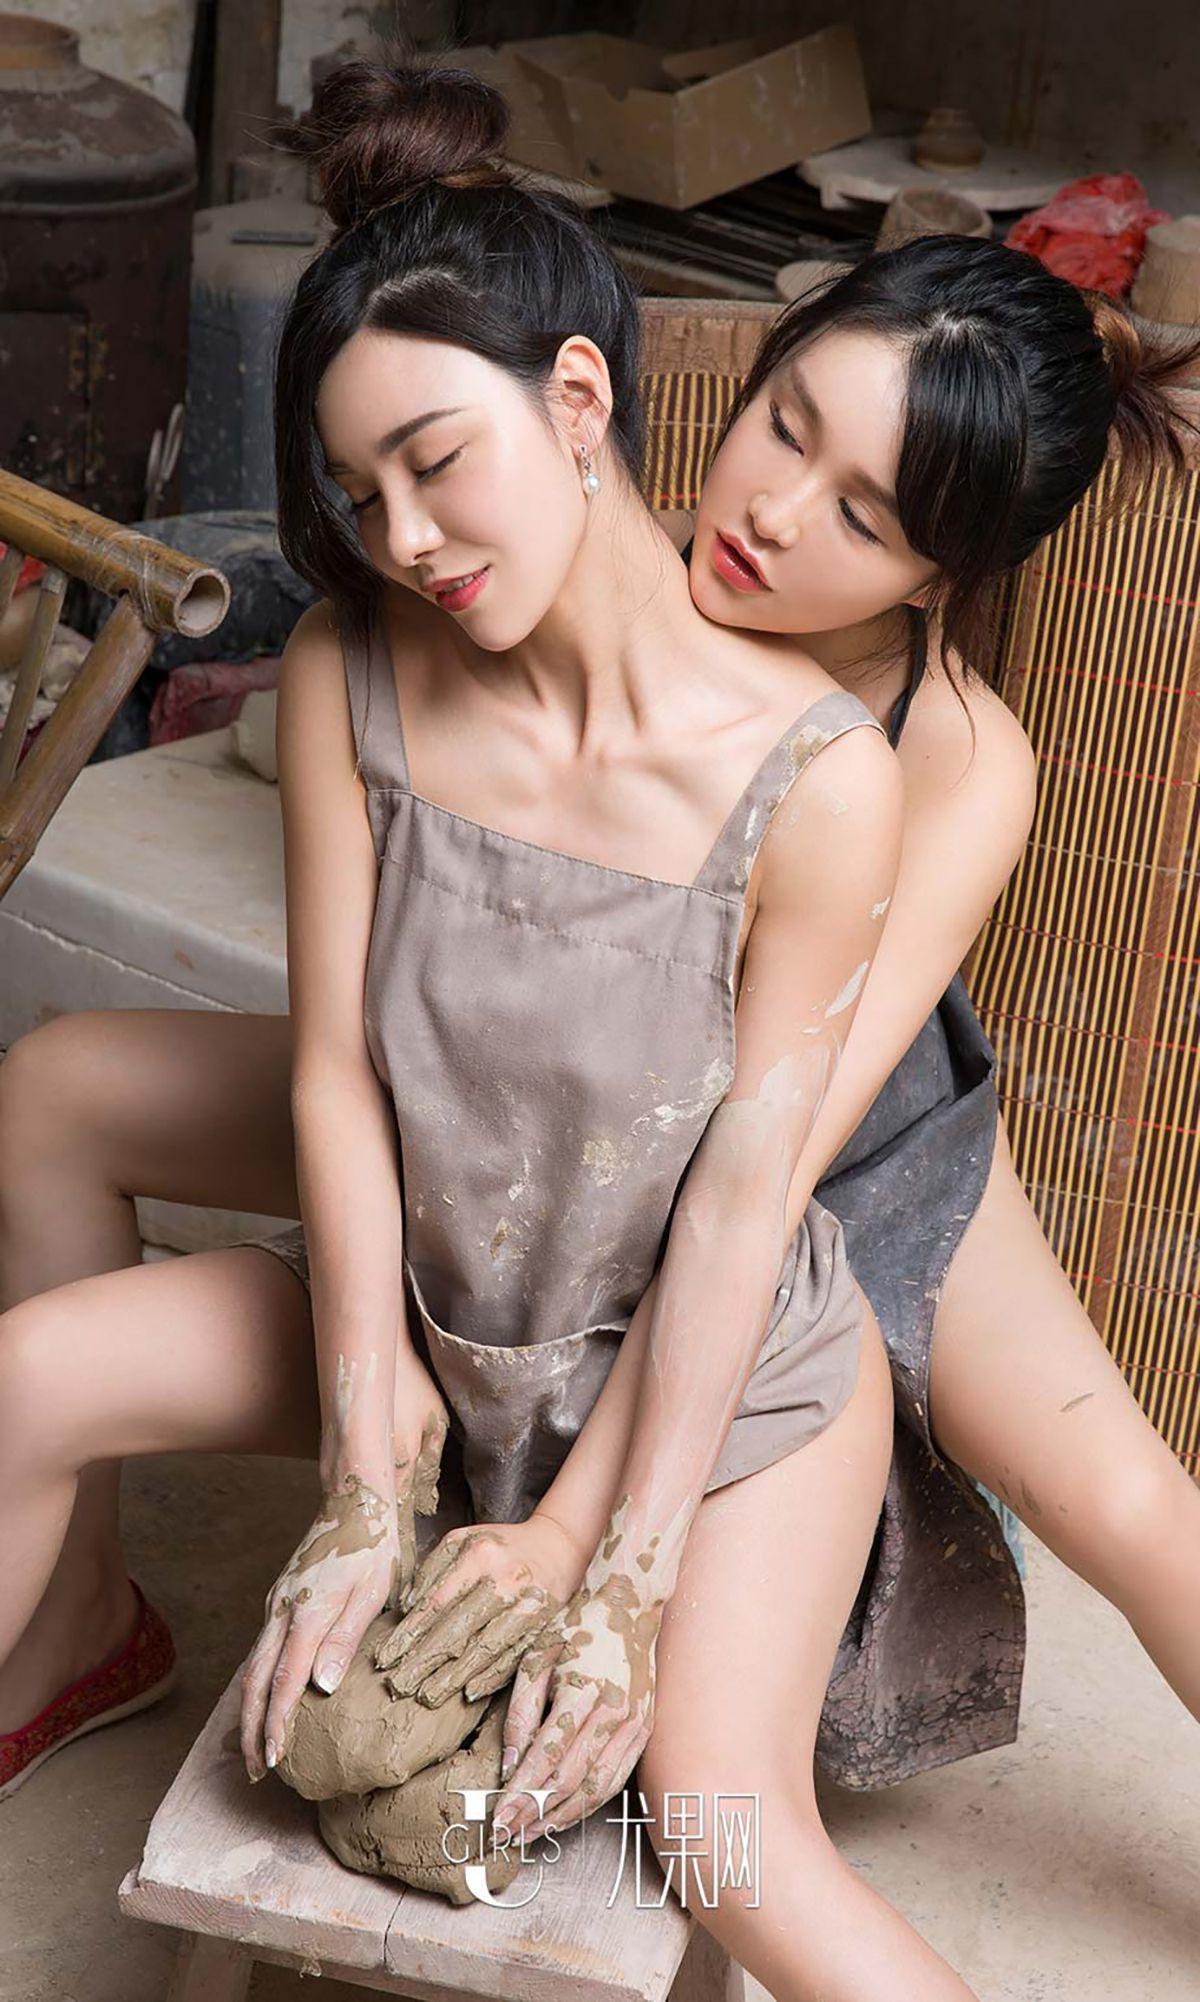 [爱尤物] No.484 颜爱泽/沈嘉熹/于思琪 - 中秋瓷2